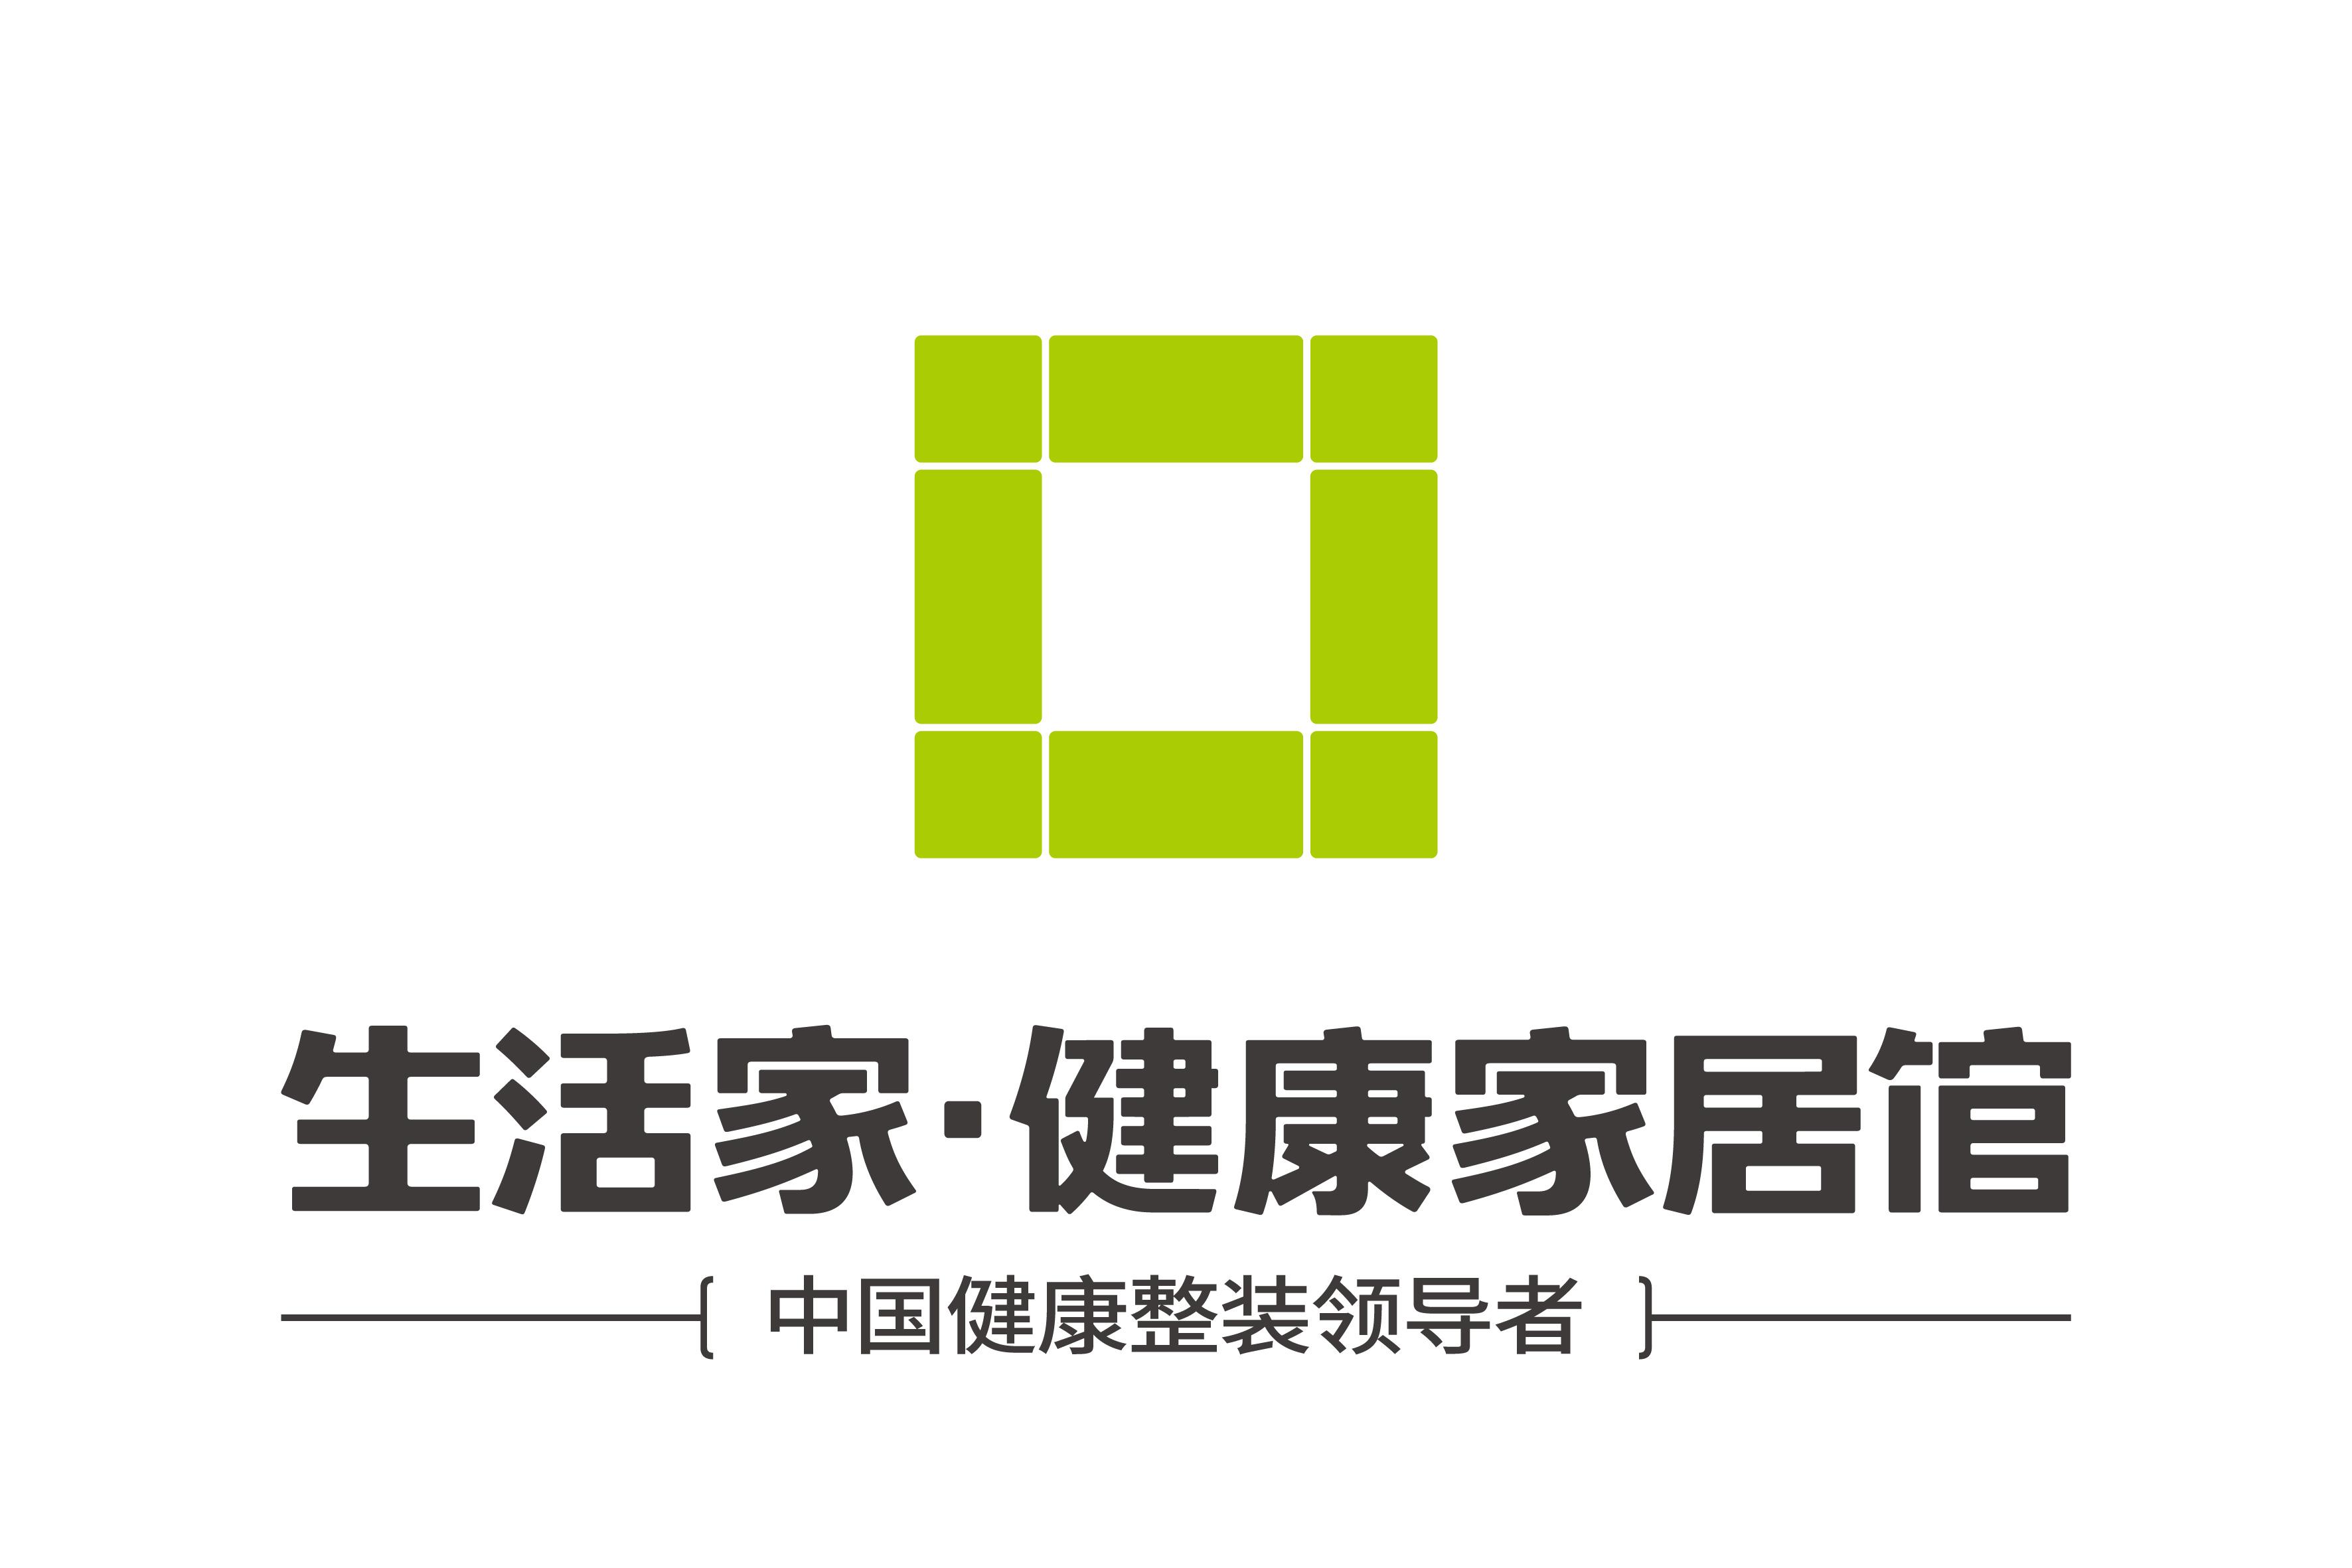 北京生活家装饰工程有限公司logo